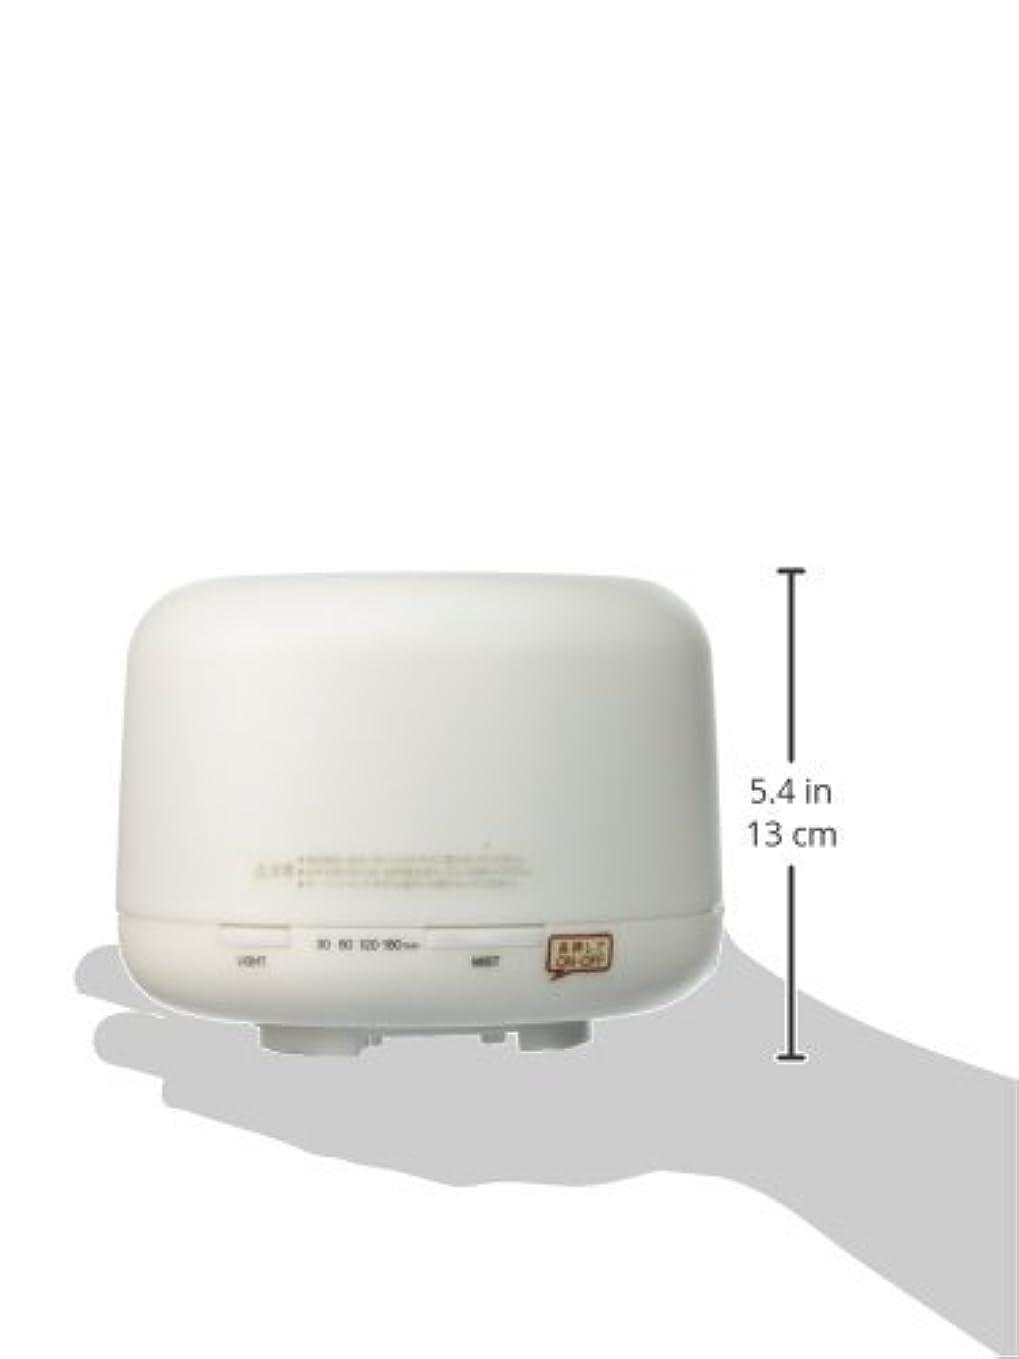 課す最後に適性【無印良品】 超音波うるおいアロマディフューザー HAD-001-JPW